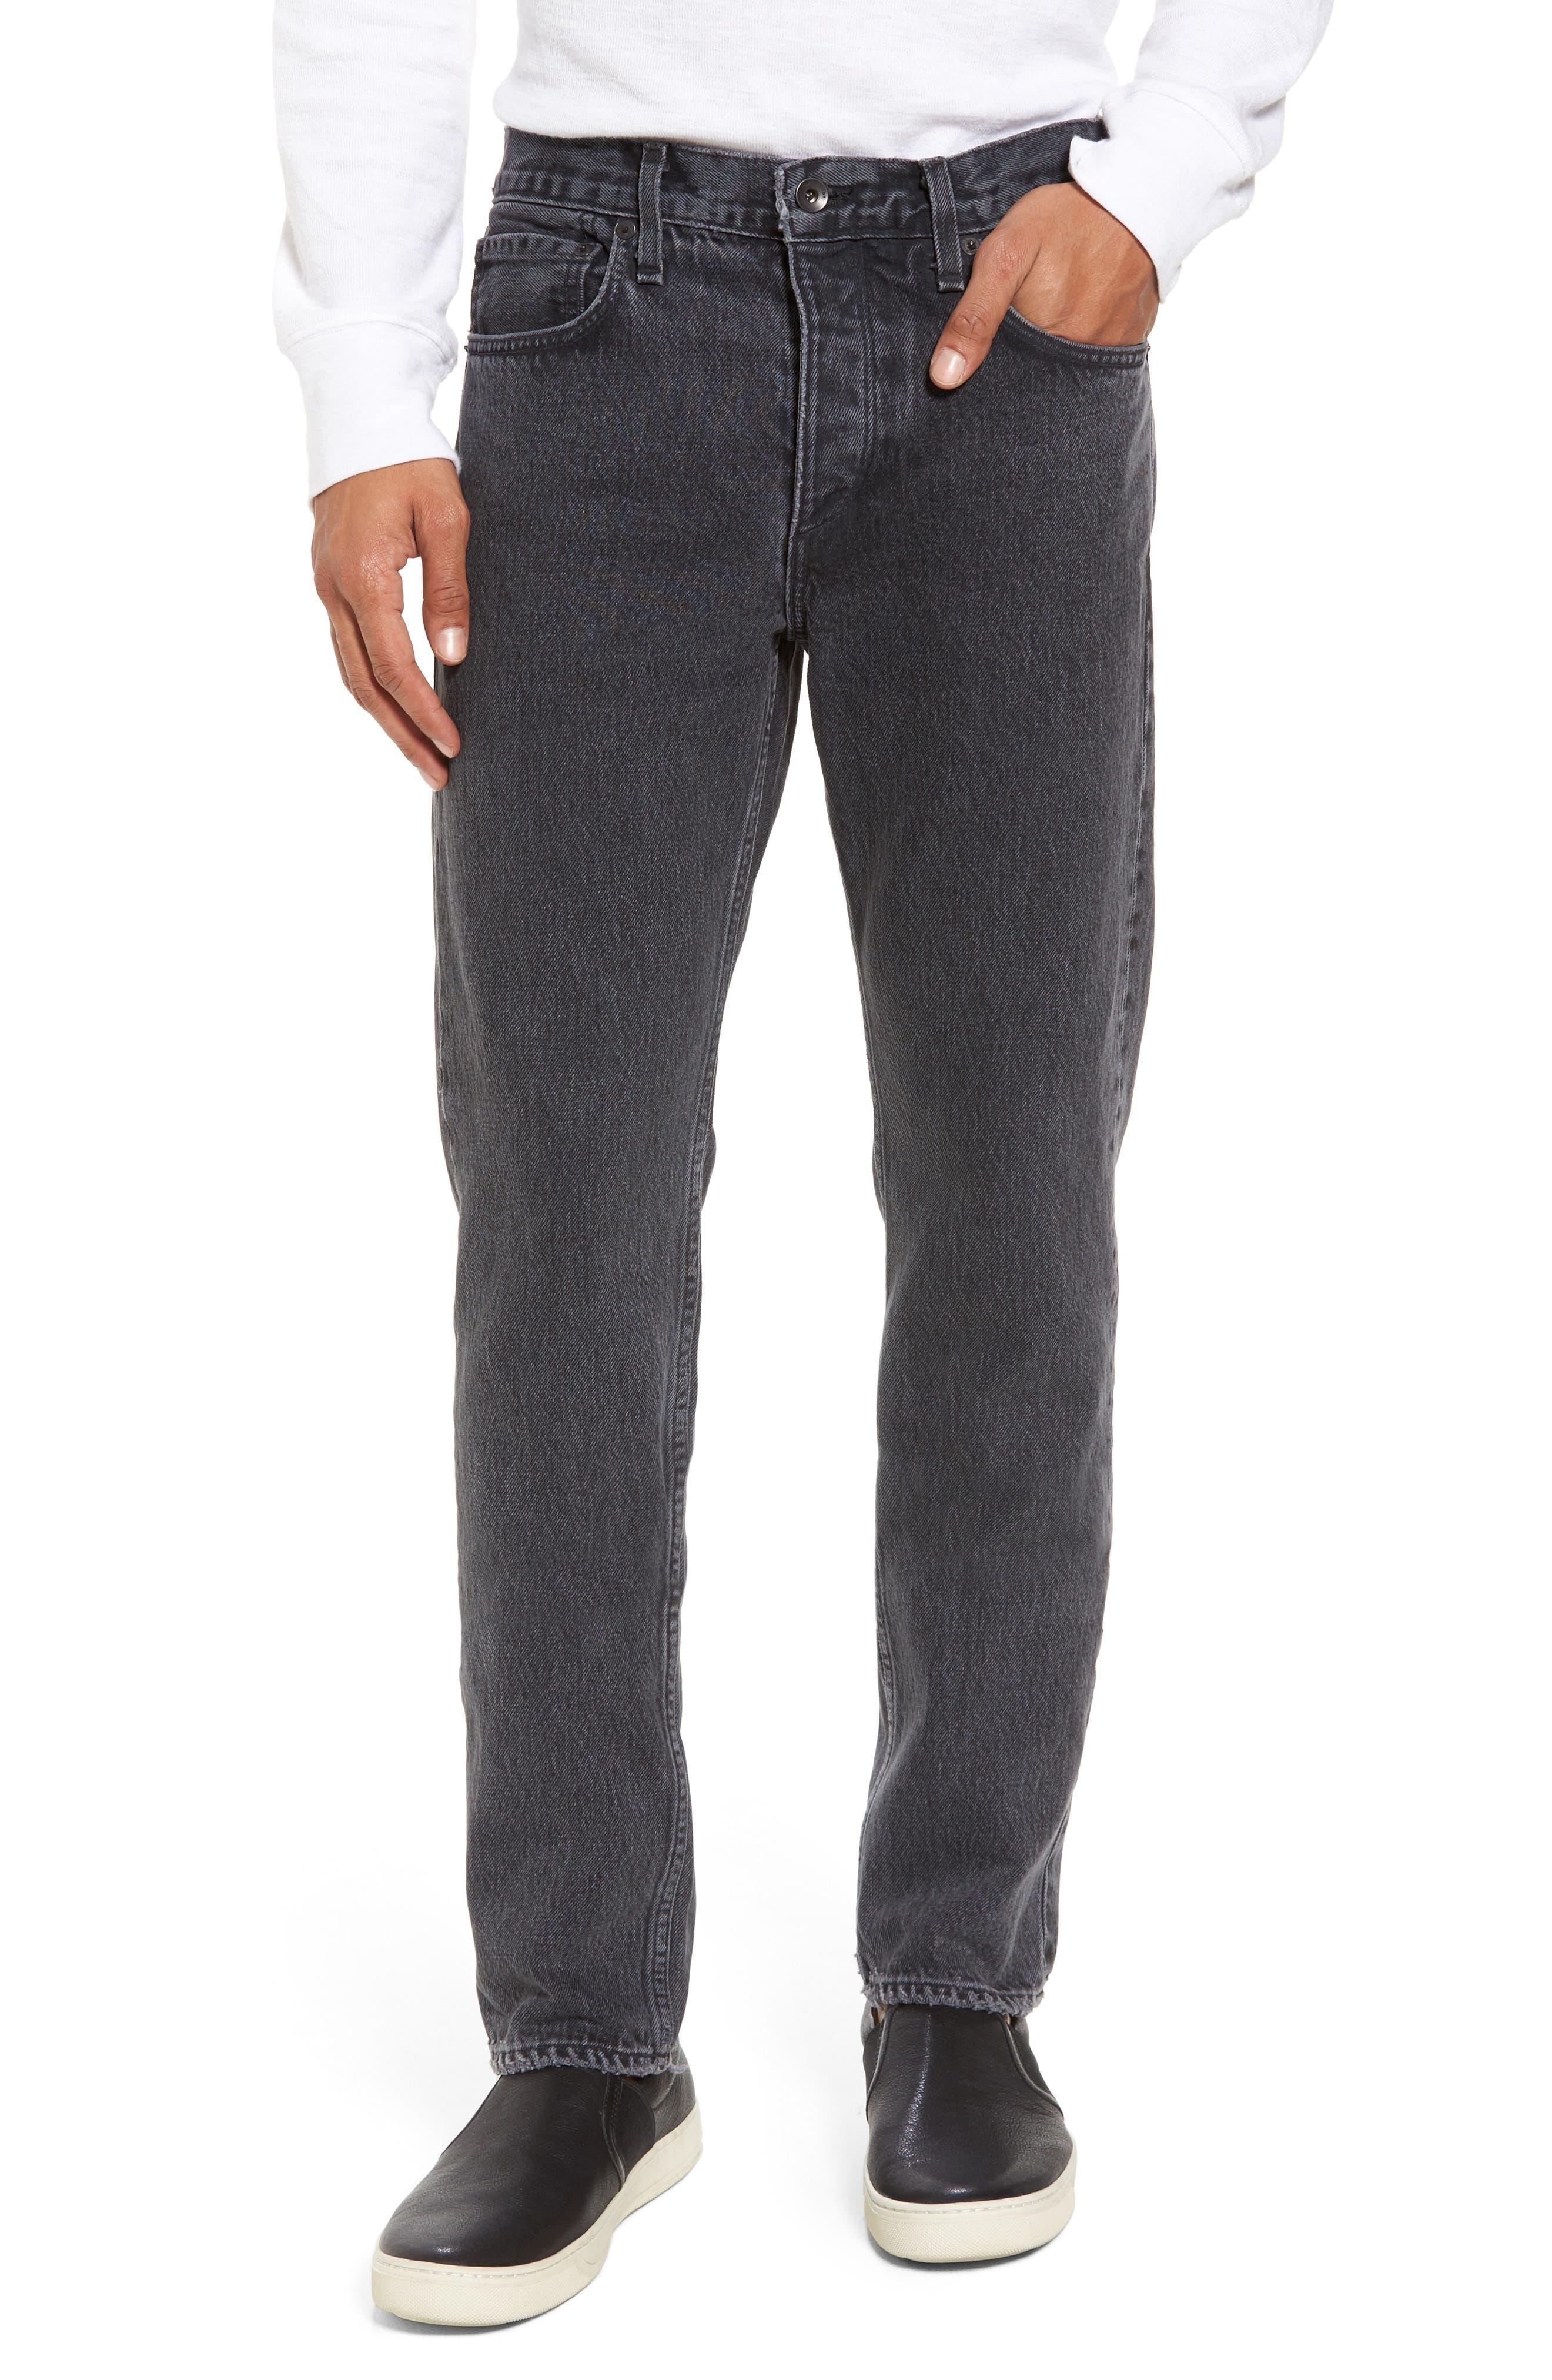 Fit 2 Slim Fit Jeans,                             Main thumbnail 1, color,                             001